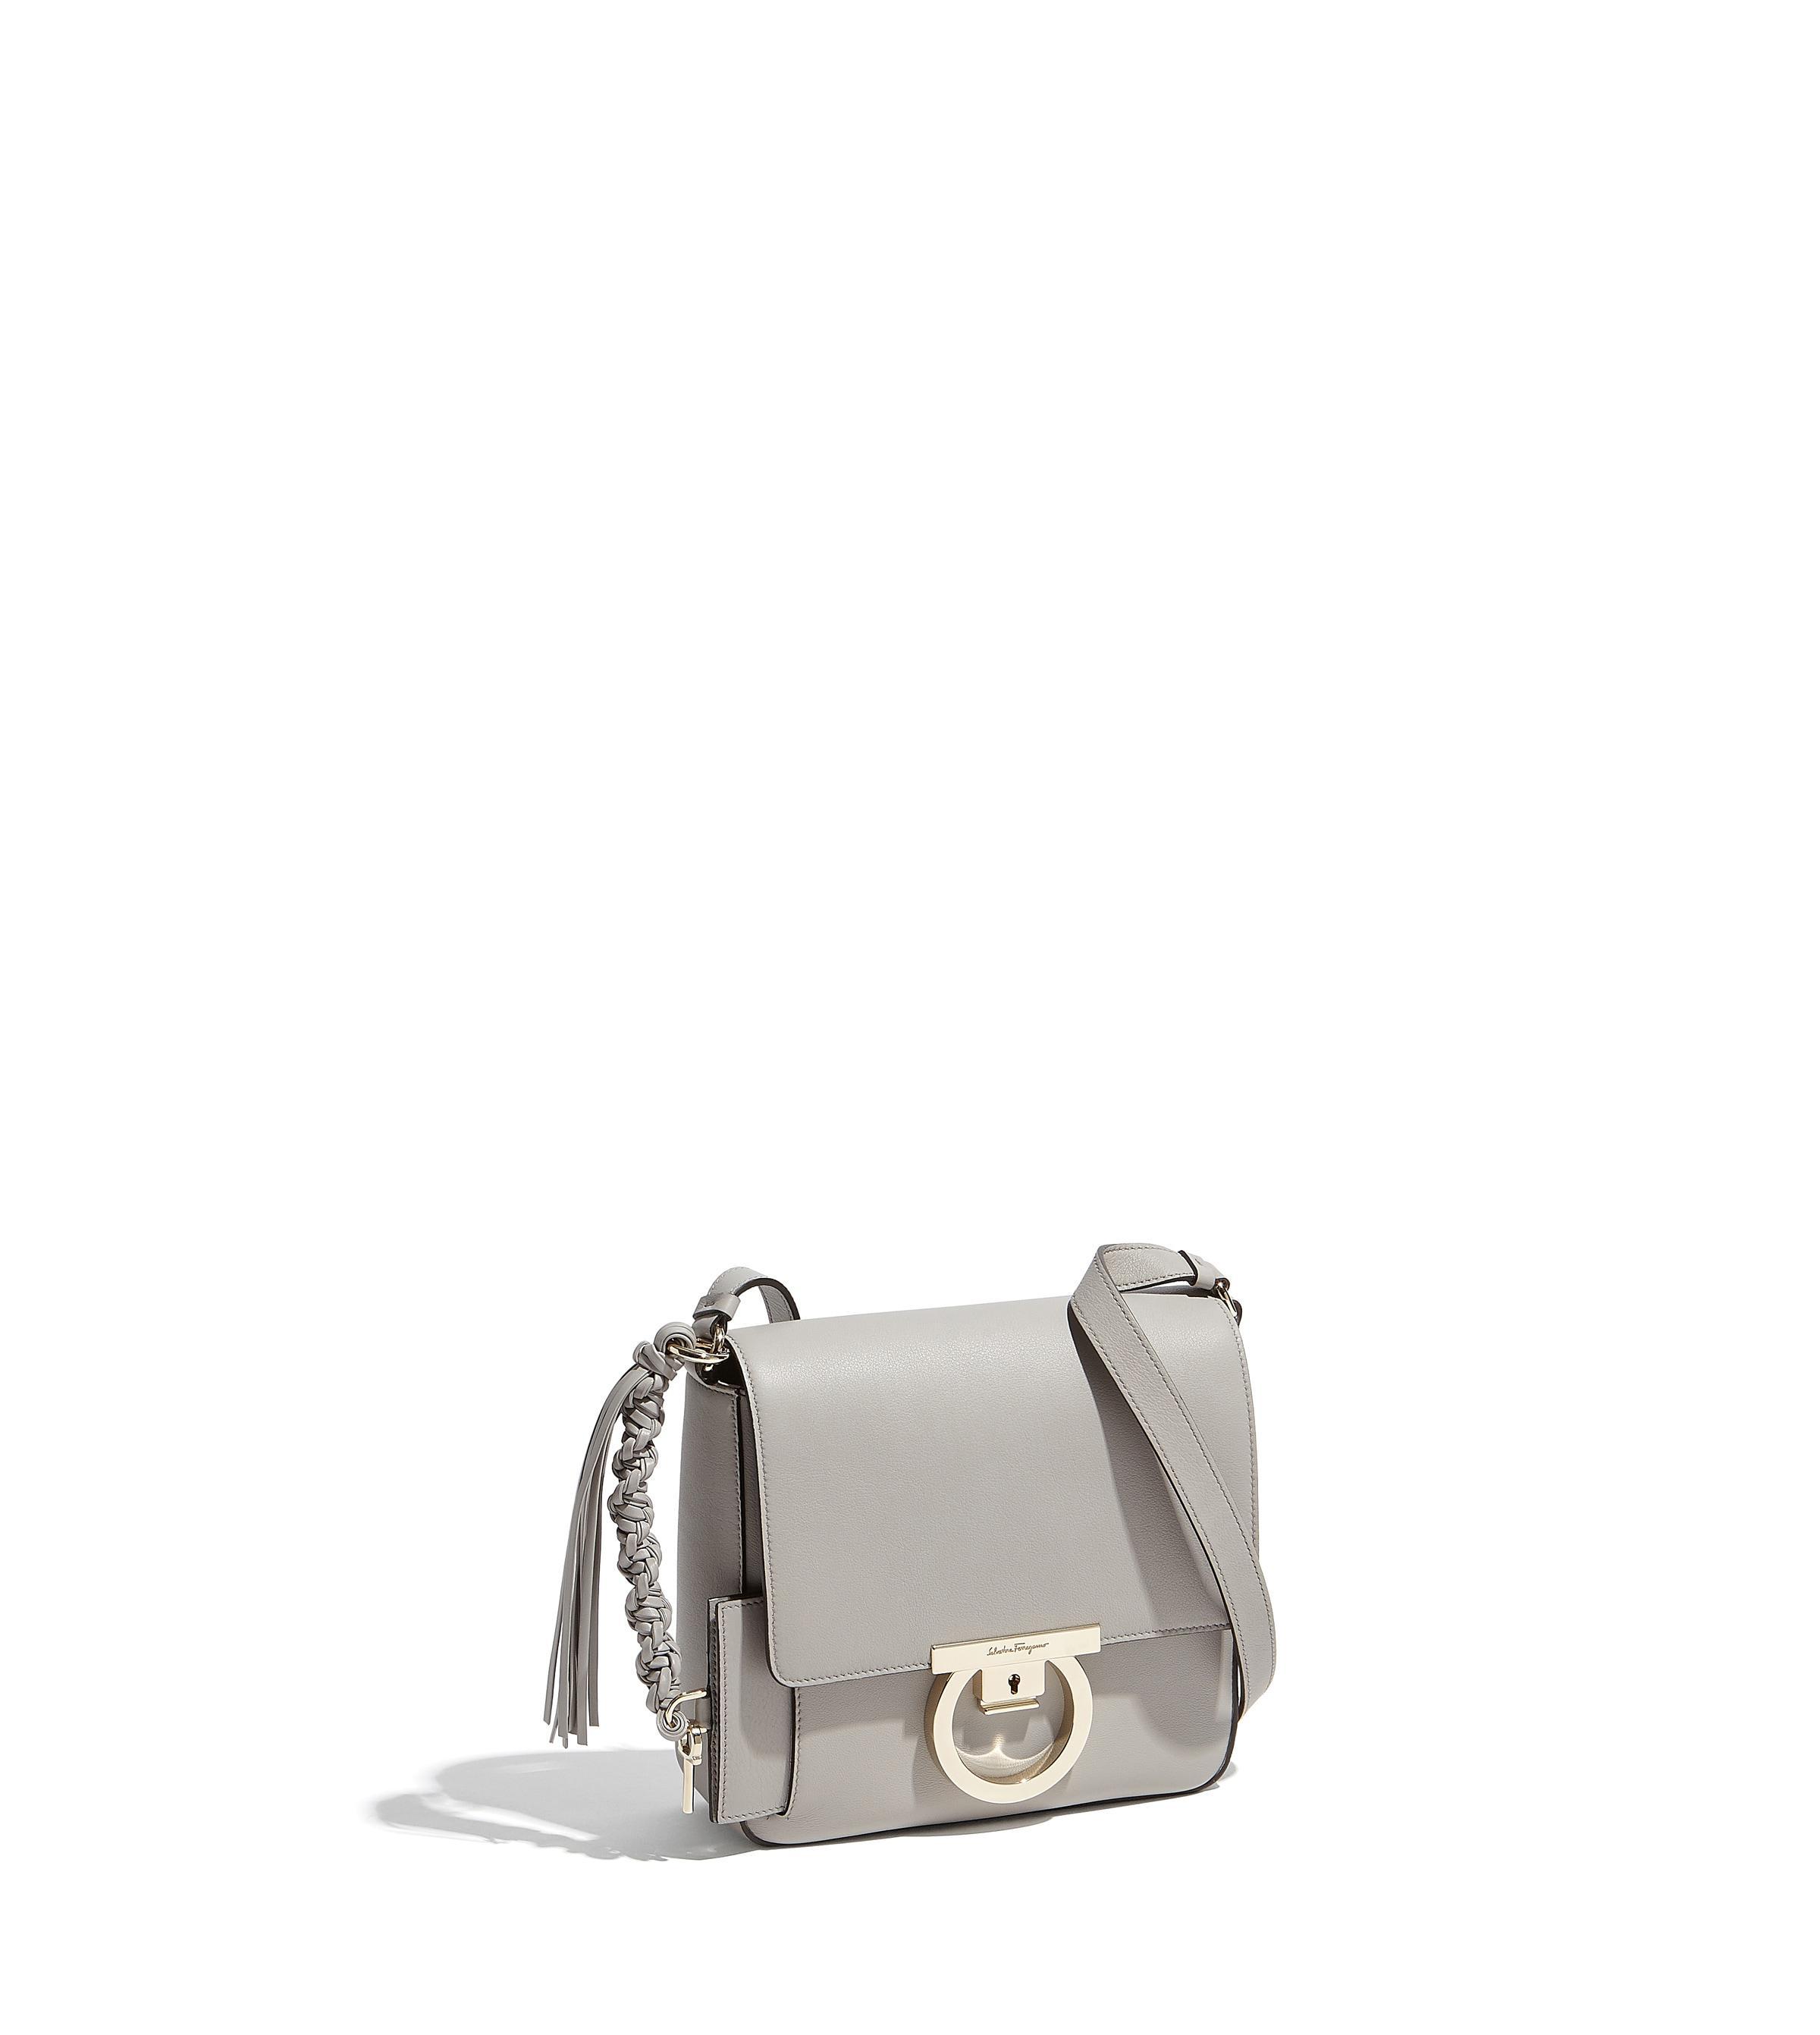 7193c9ae4c Lyst - Ferragamo Gancini Lock Flap Bag in Gray